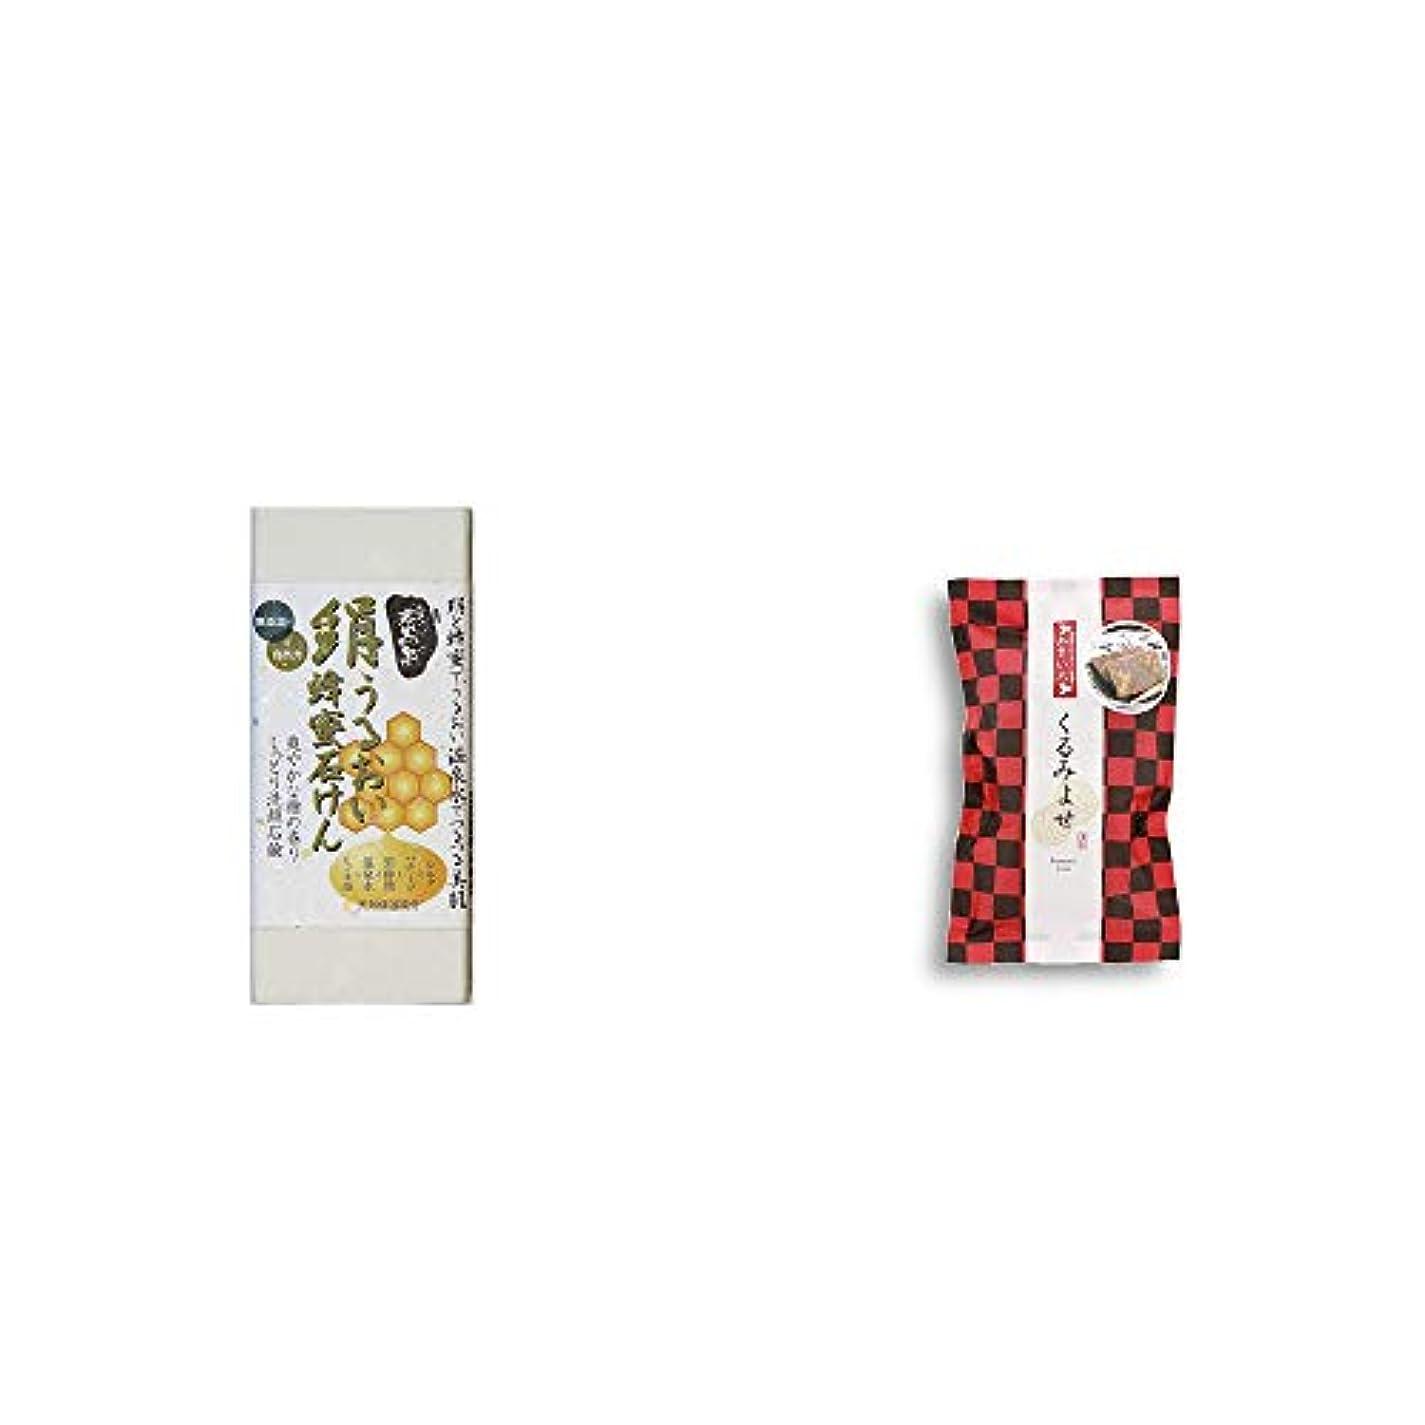 登録予備平衡[2点セット] ひのき炭黒泉 絹うるおい蜂蜜石けん(75g×2)?くるみよせ(こし餡)(5個入)